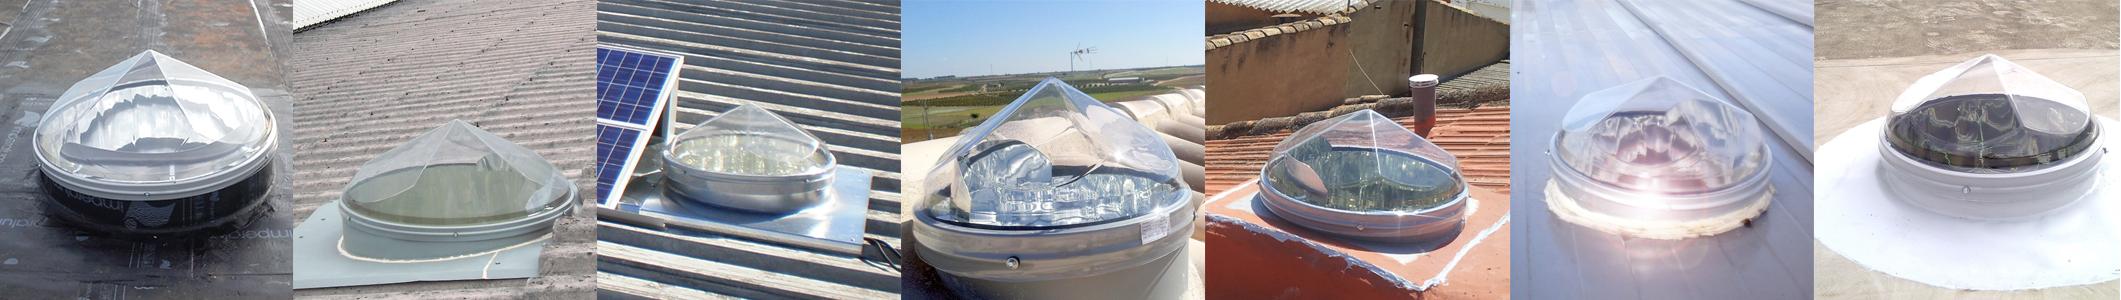 tubo_solar_chatron_coberturas